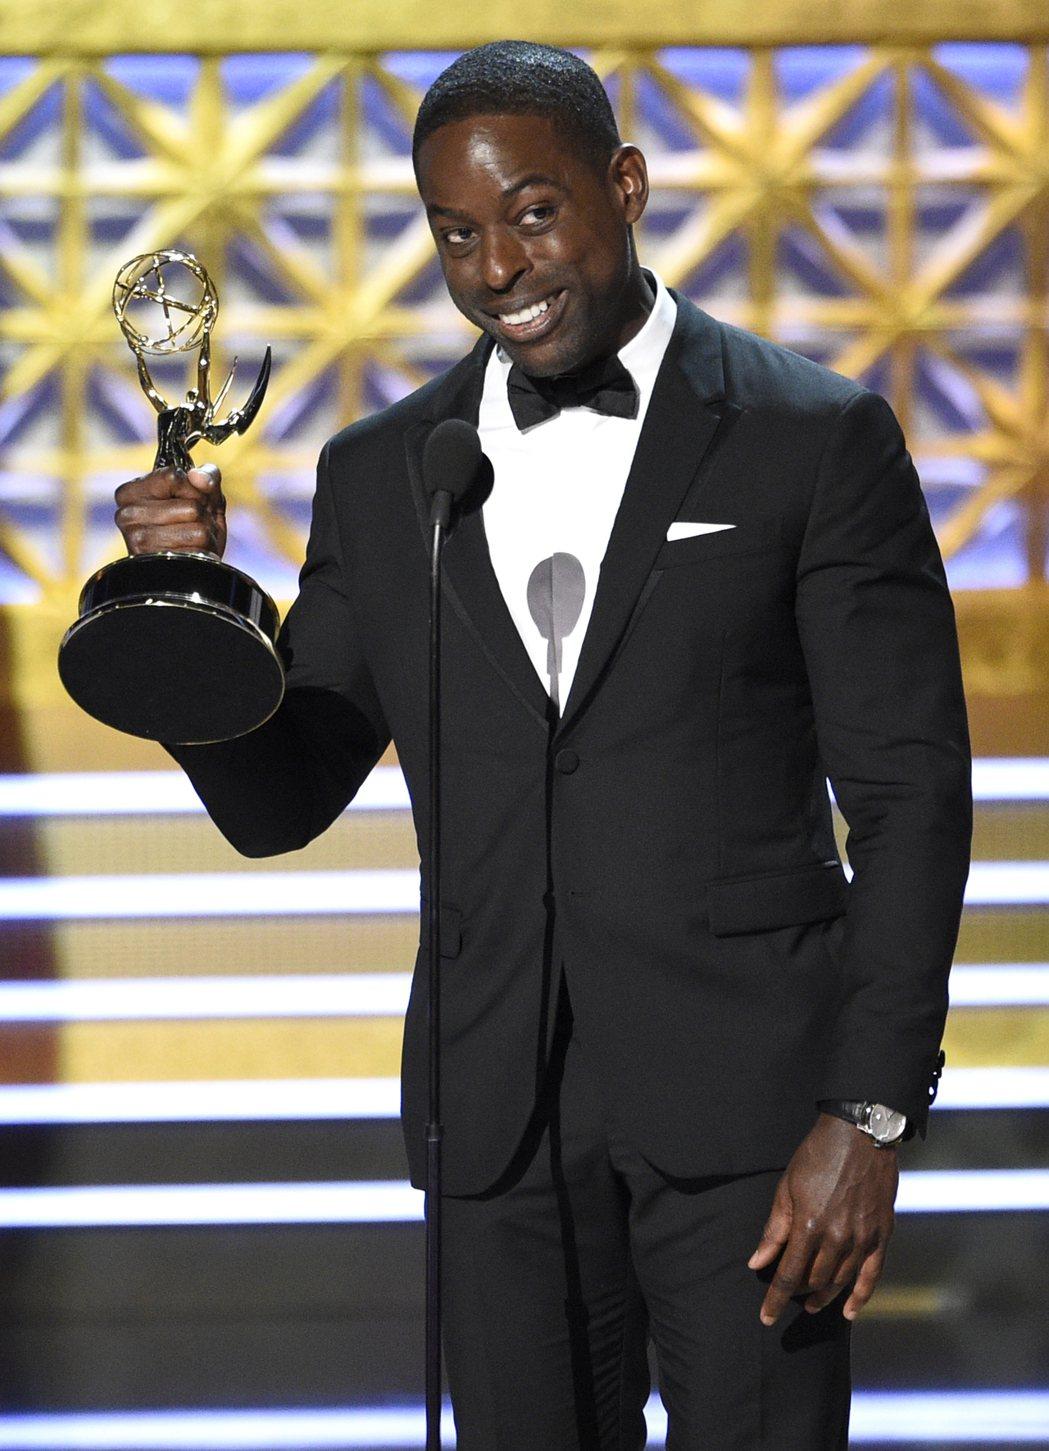 黑人男星史特林艾朗以「這就是我們」拿下劇情類影集最佳男主角。 圖/美聯社